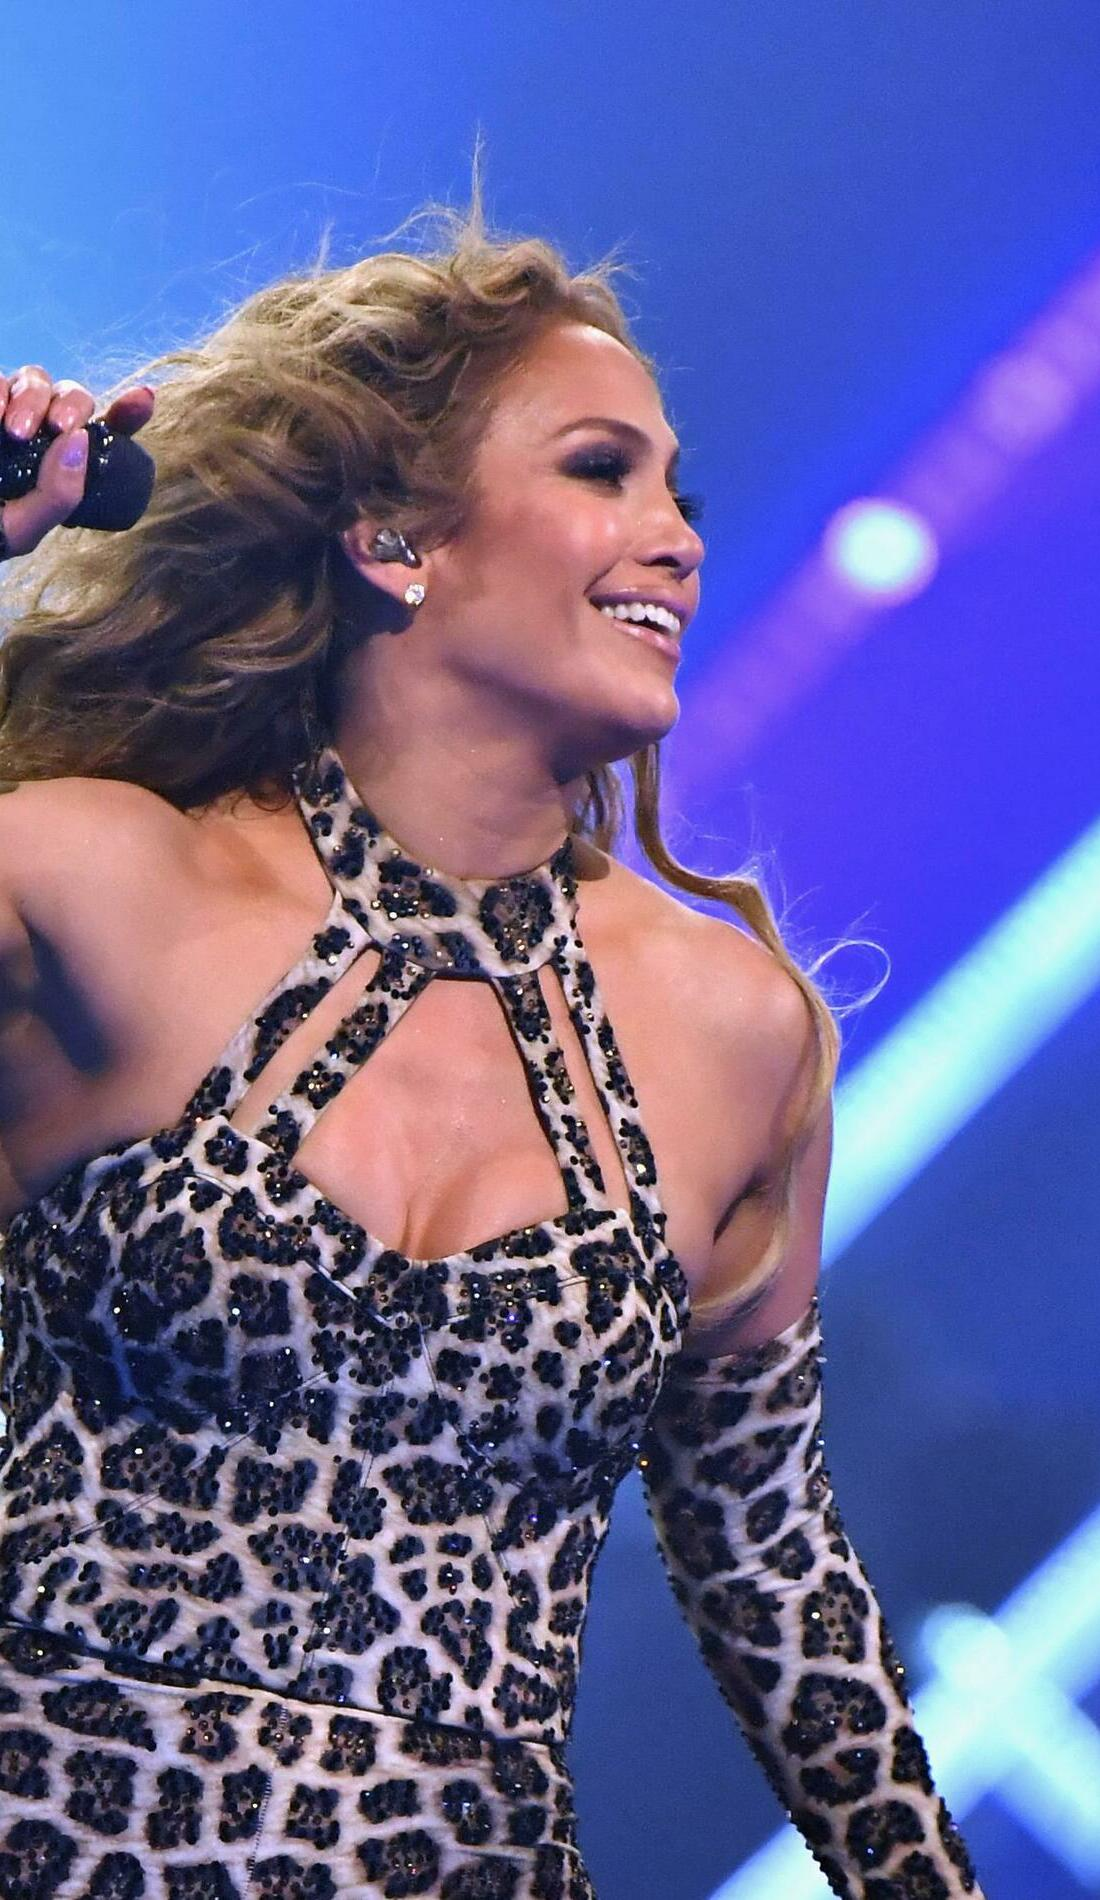 A Jennifer Lopez live event